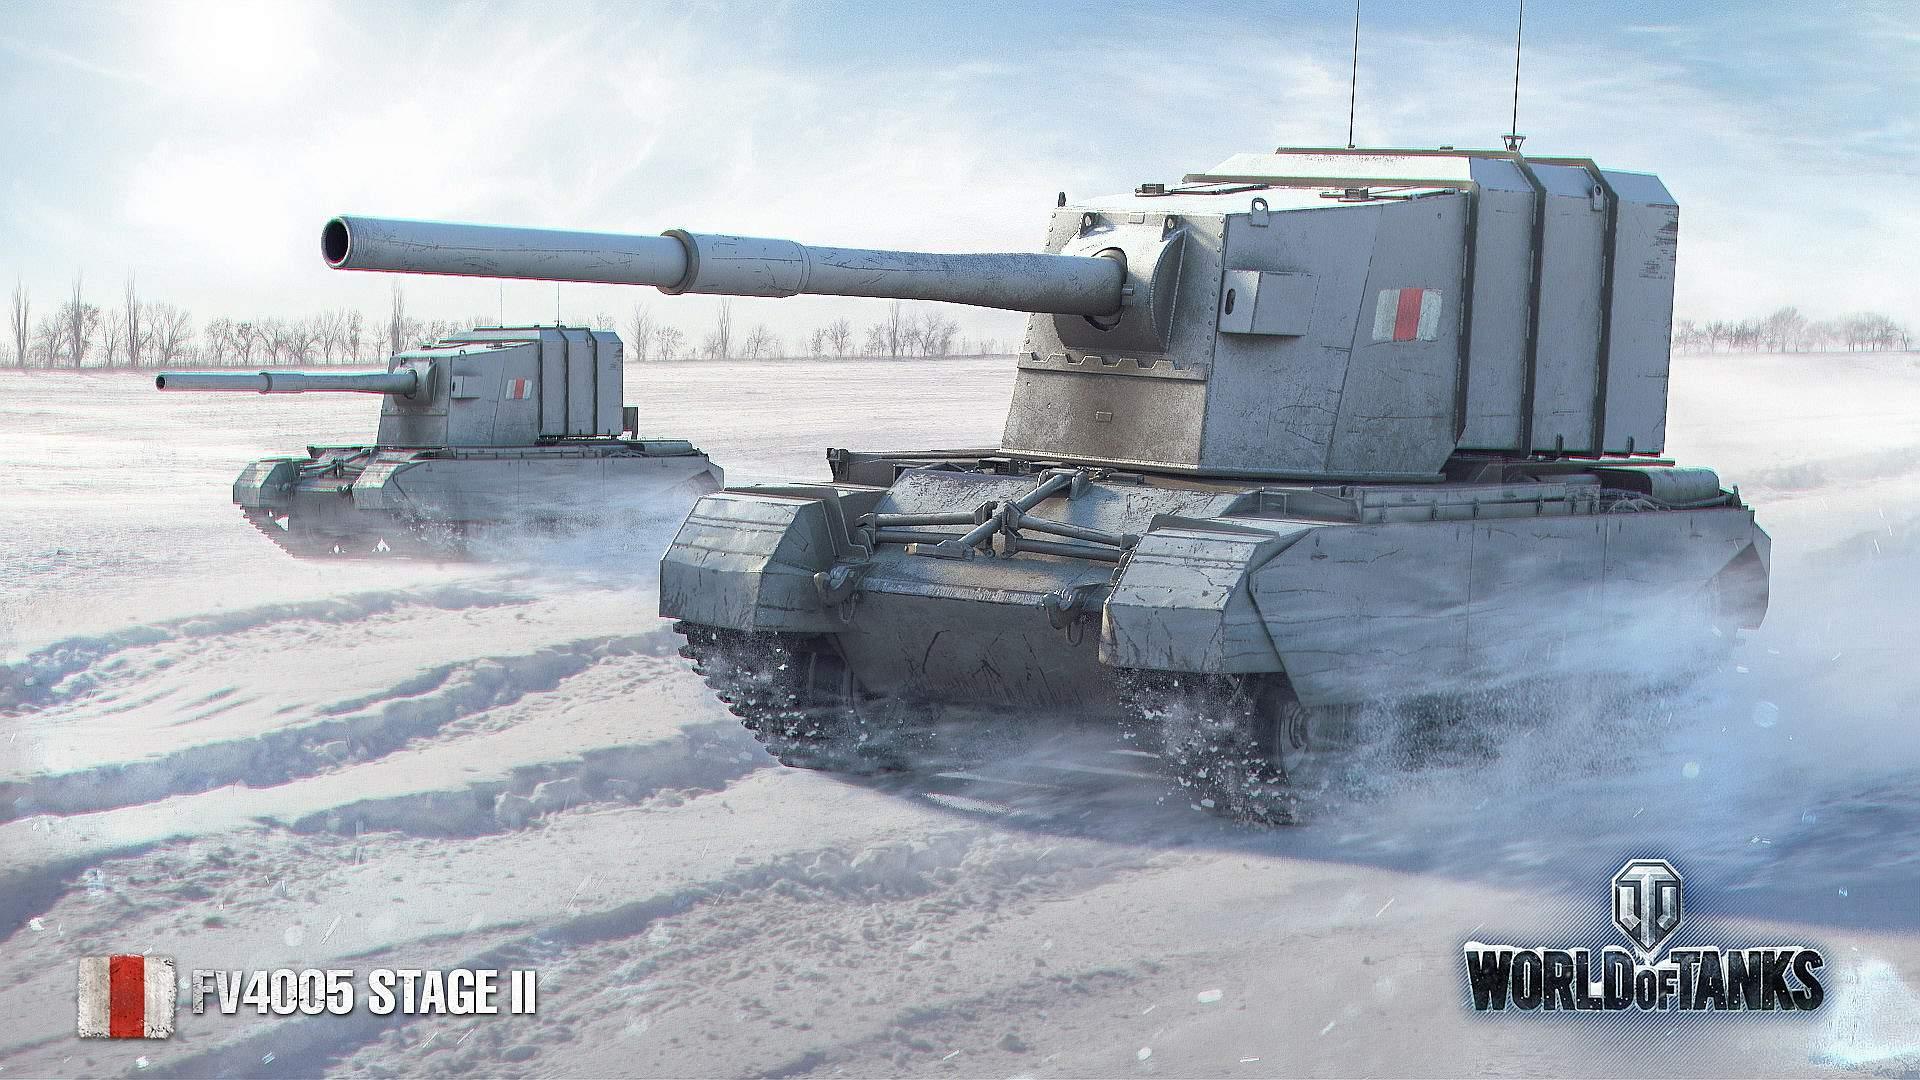 world of tanks guide - tank art wallpaper